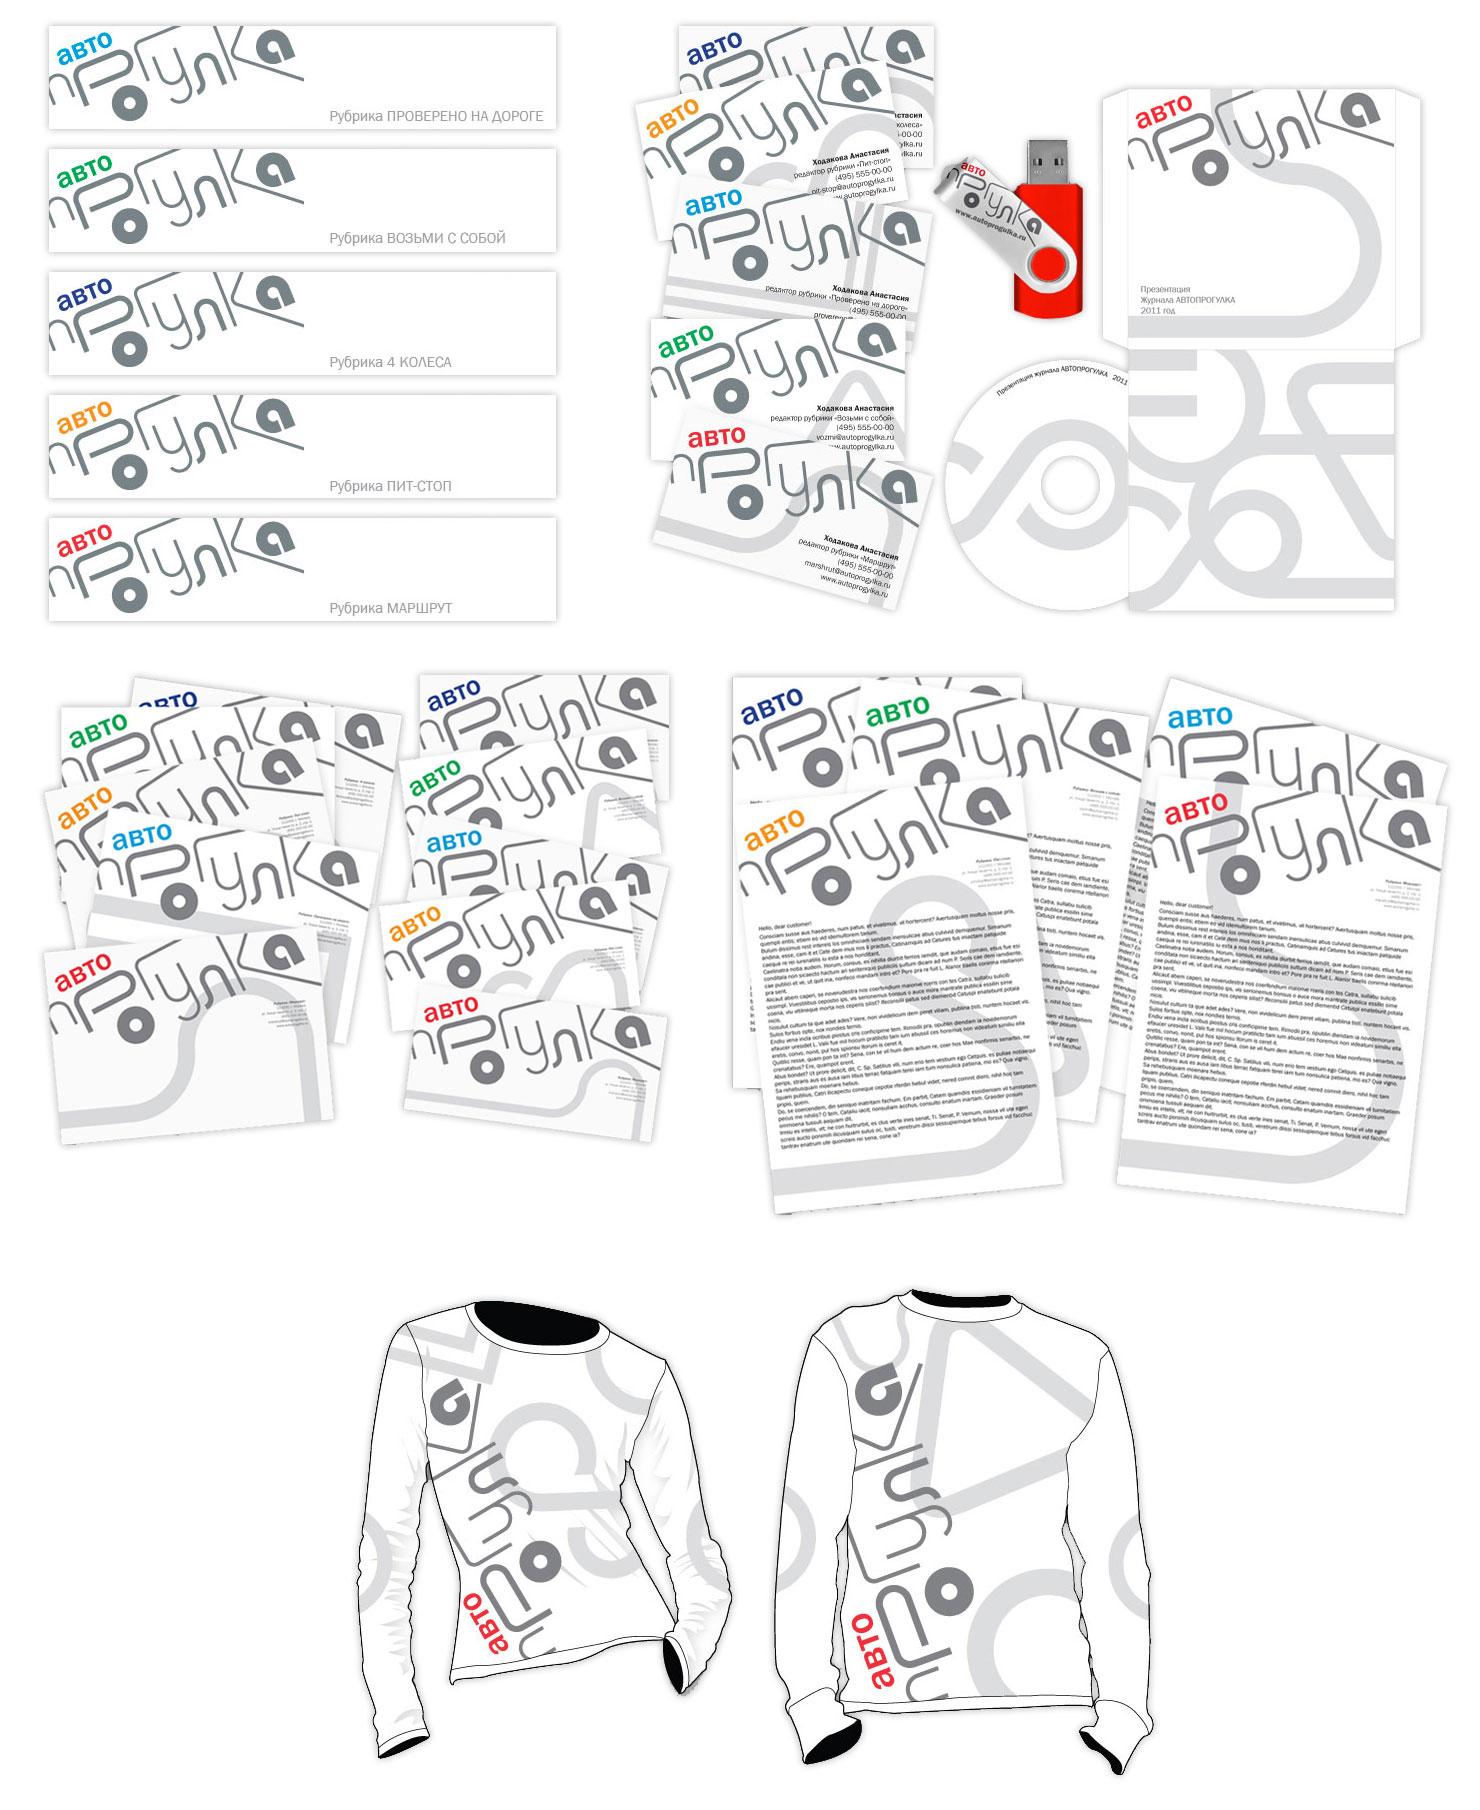 Разработка зонтичного логотипа, фирменного стиля и журнала